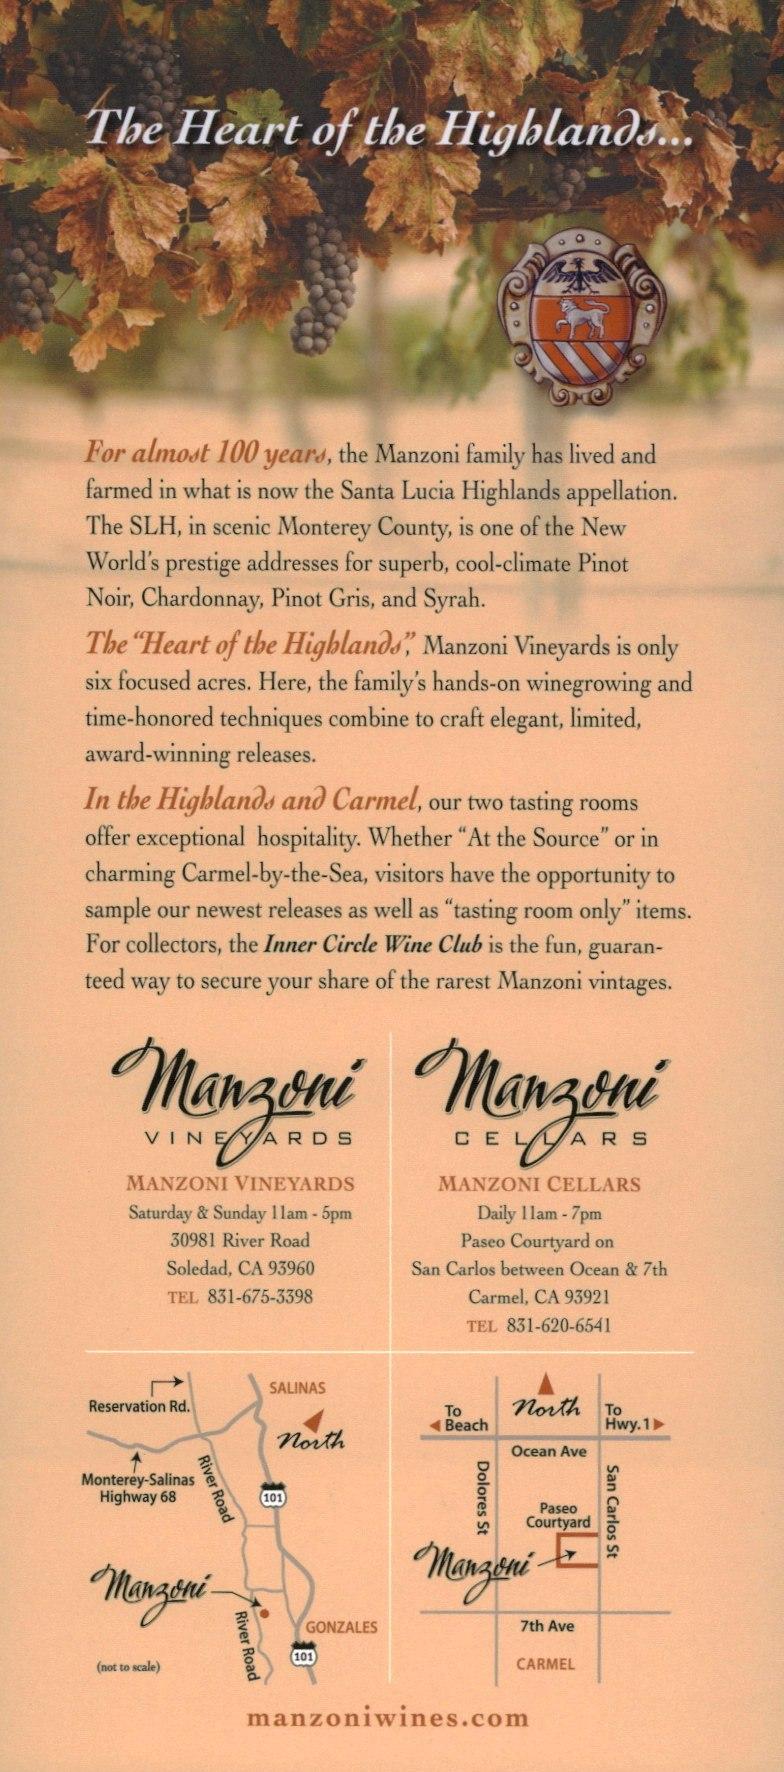 Manzoni Wines brochure thumbnail